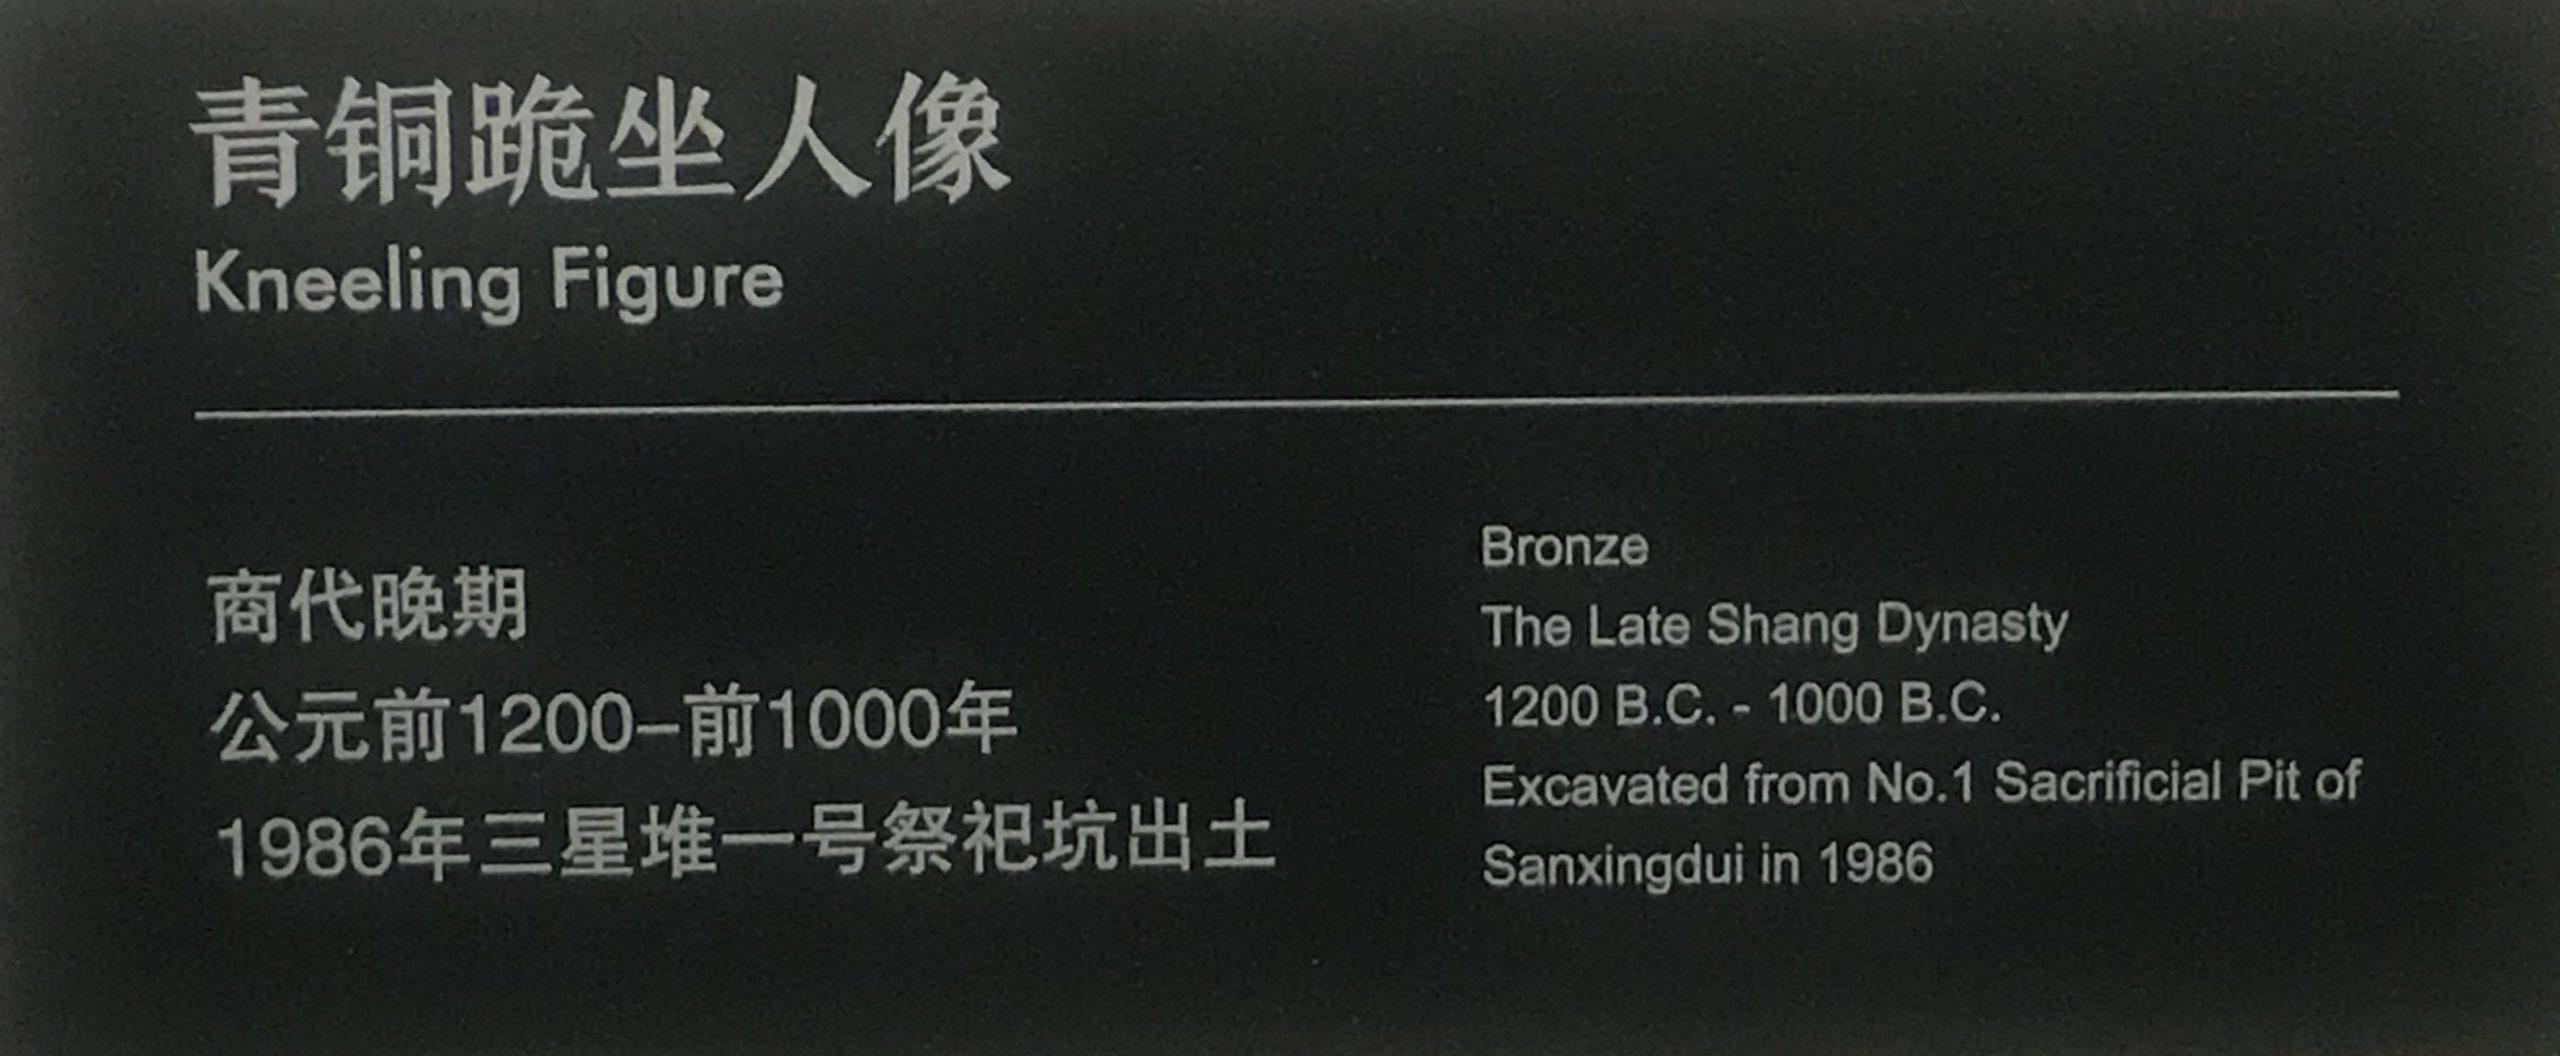 青銅跪く人物像-二号祭祀坑-青銅器館-三星堆博物館-広漢市-徳陽市-四川省